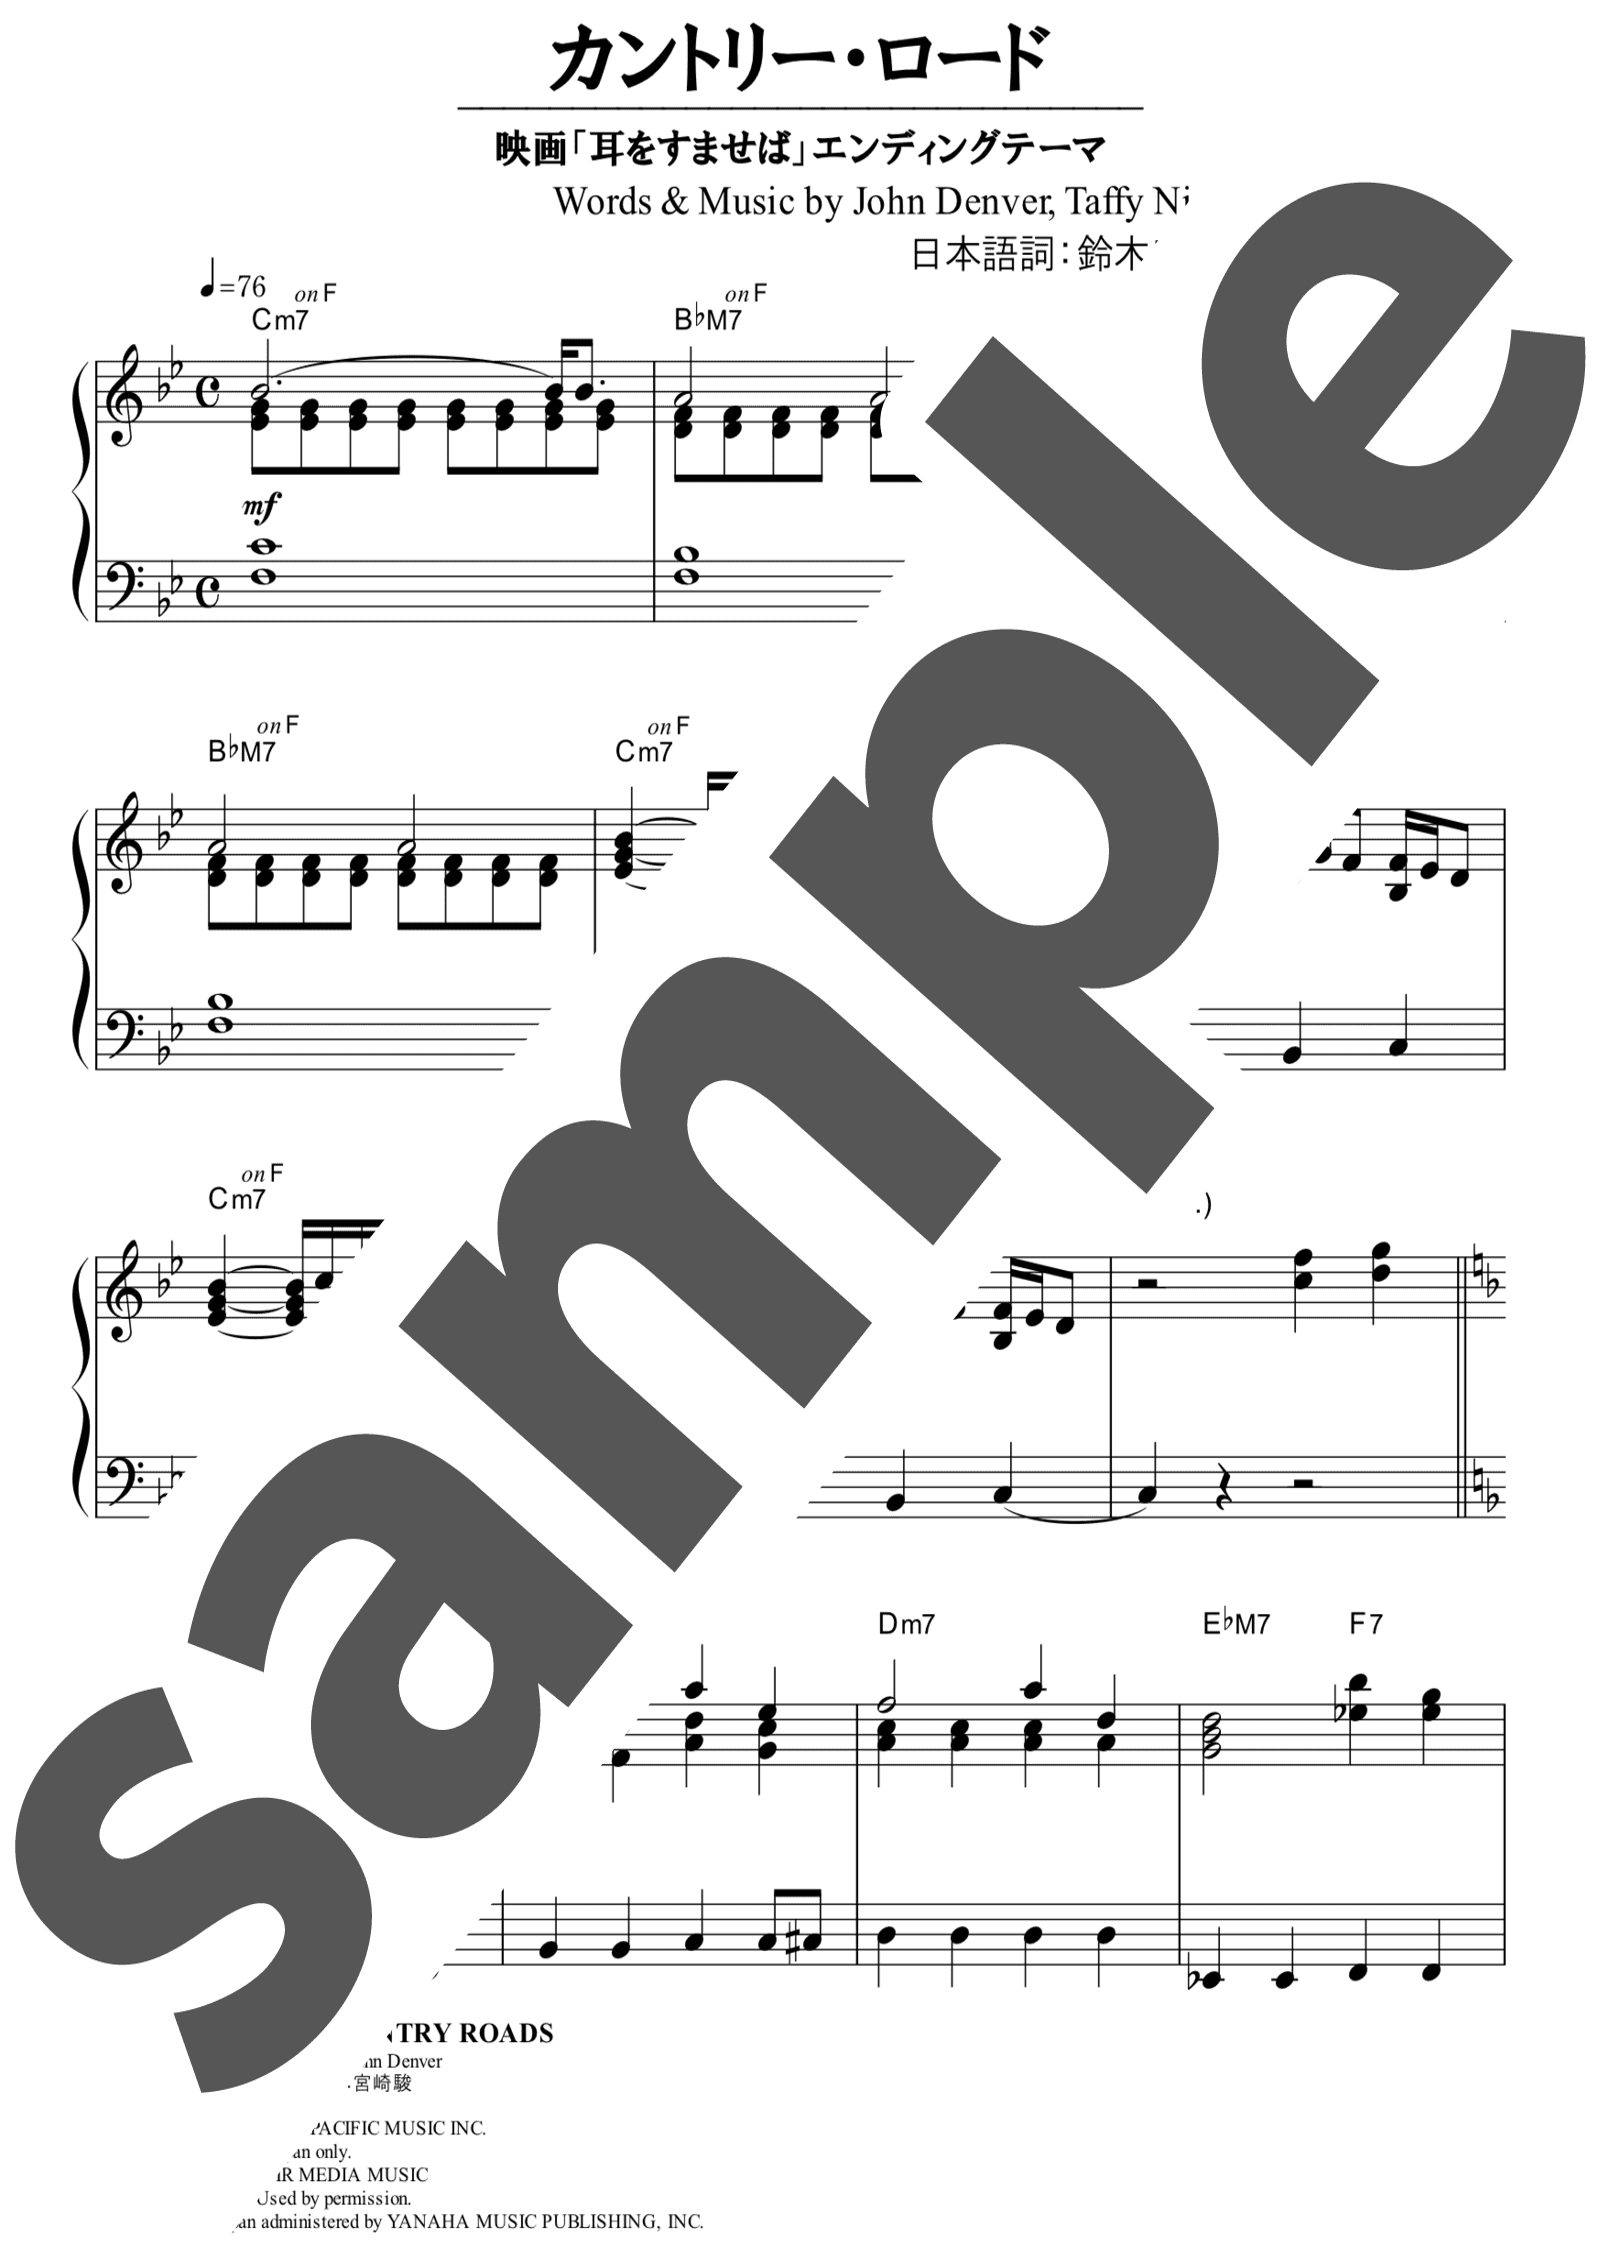 「カントリー・ロード」のサンプル楽譜